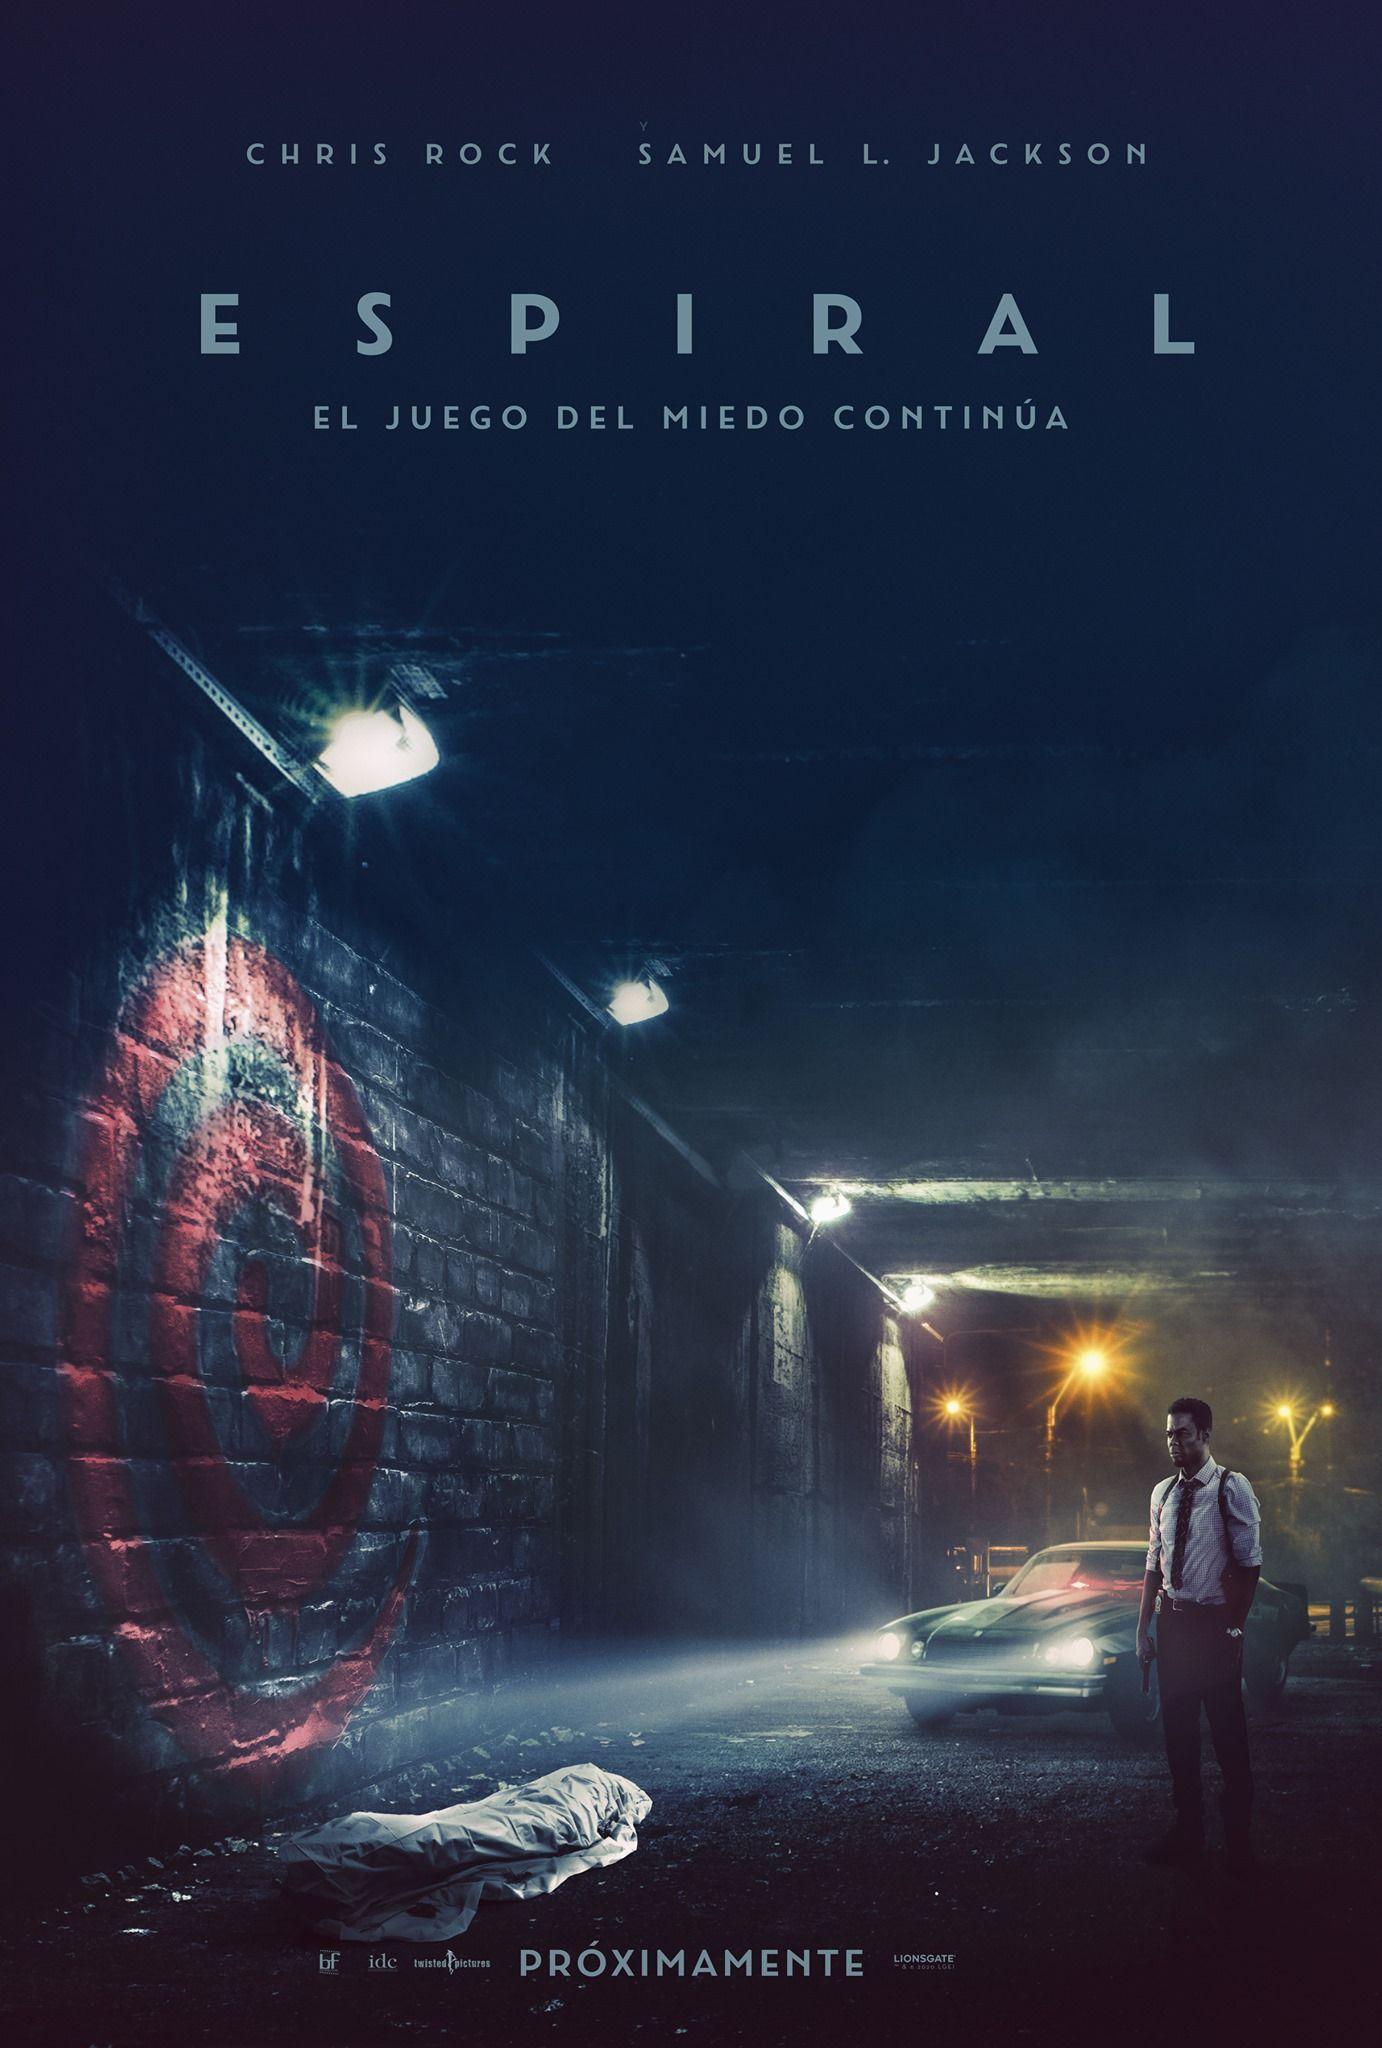 Espiral La Continuacion De Saw Lanza Trailer Oficial Saw Film Streaming Movies Movie Posters